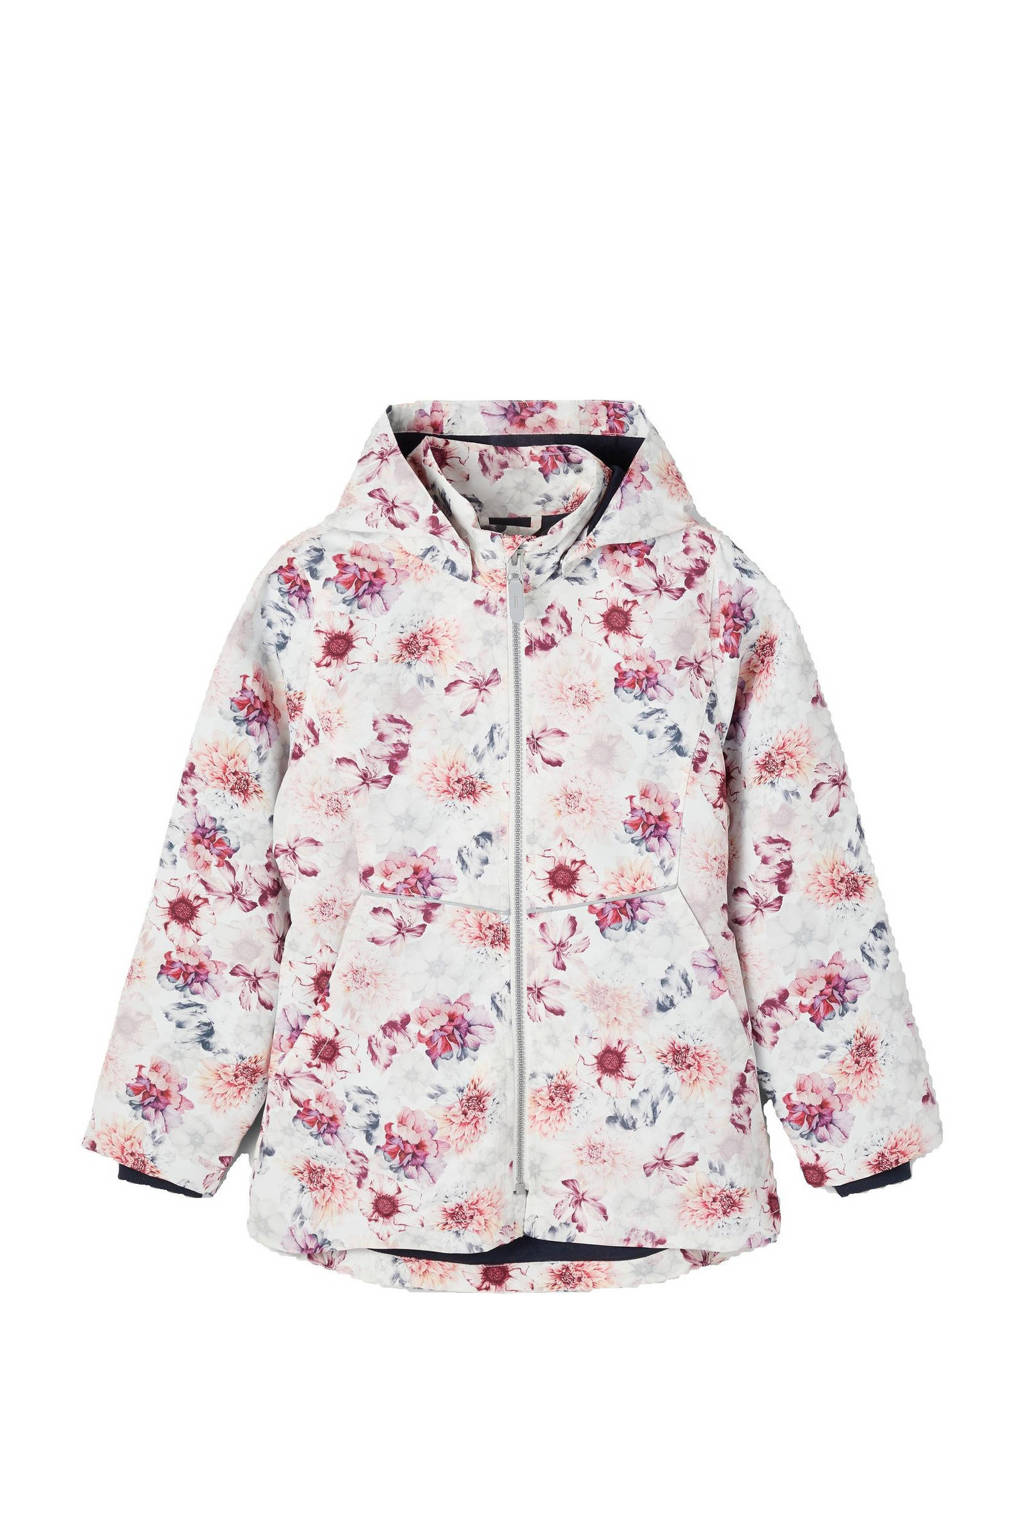 NAME IT KIDS gebloemde  zomerjas Maxi wit/roze, Wit/roze